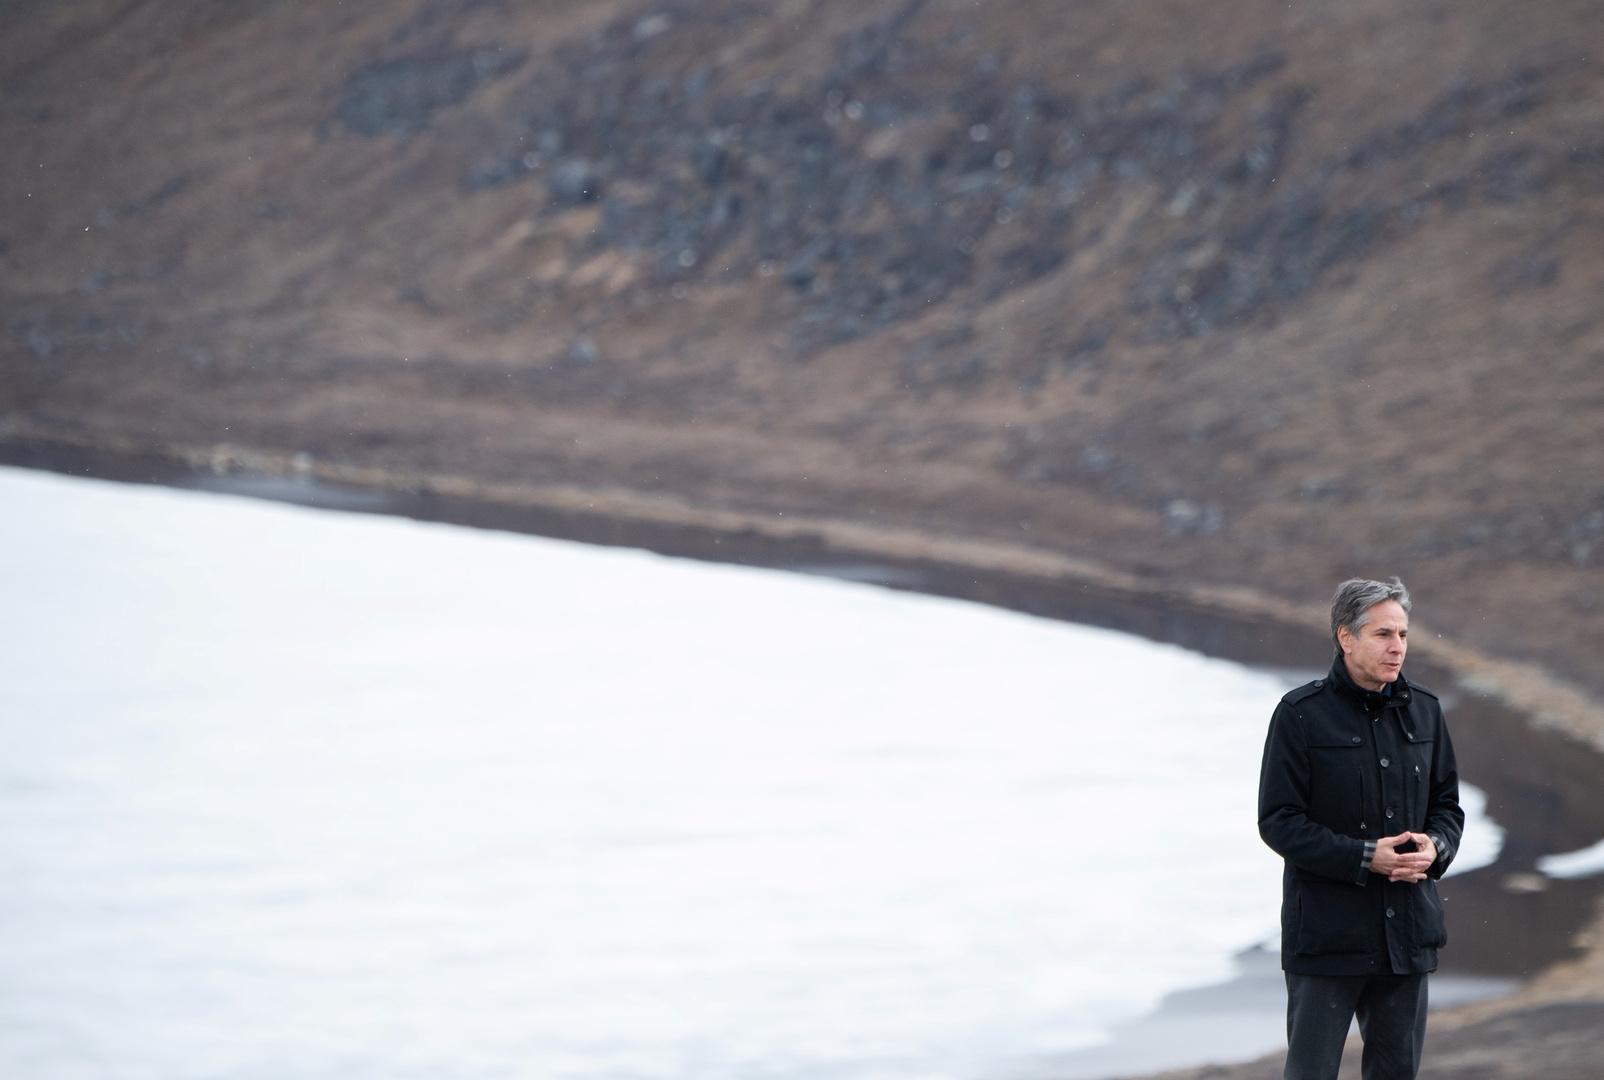 غرينلاند توقف إصدار تراخيص التنقيب عن النفط والغاز